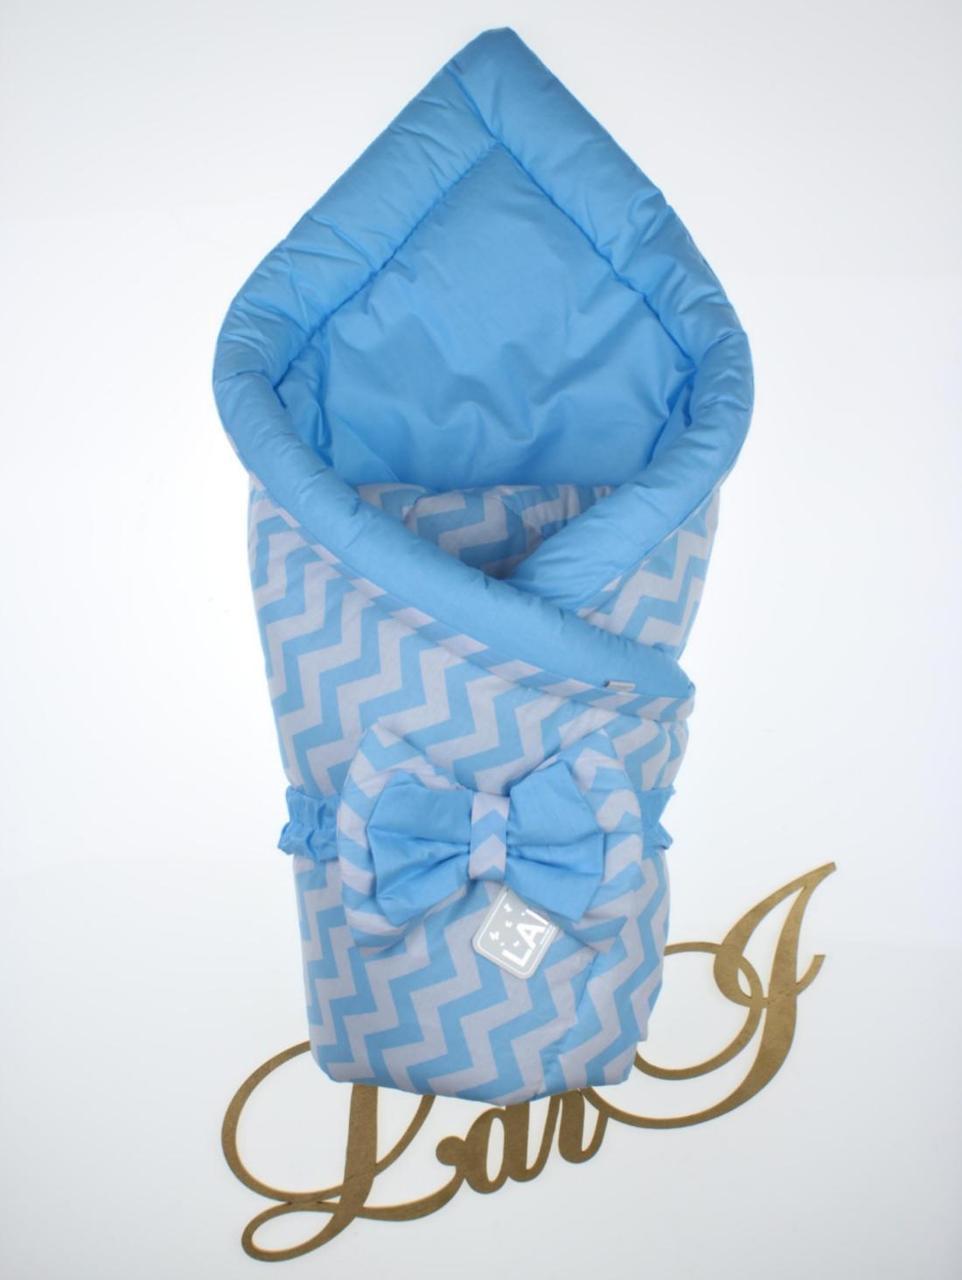 Конверт для новорожденного весна, осень Волна голубой